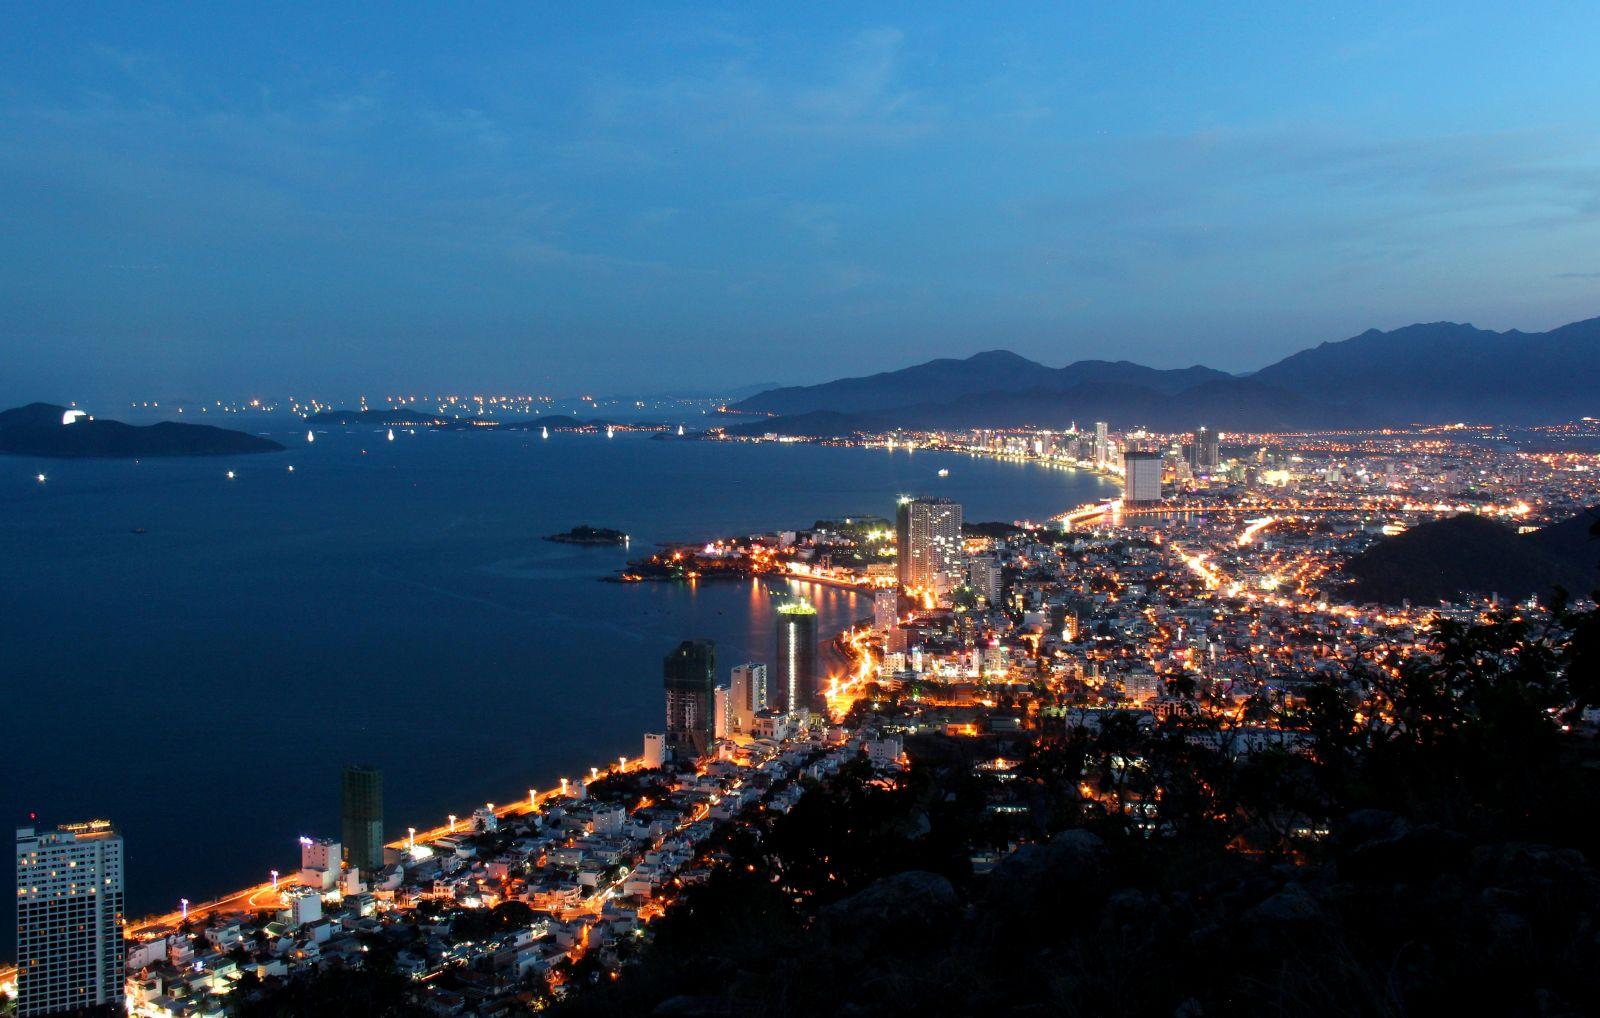 View đẹp từ trên đỉnh núi Cô Tiên